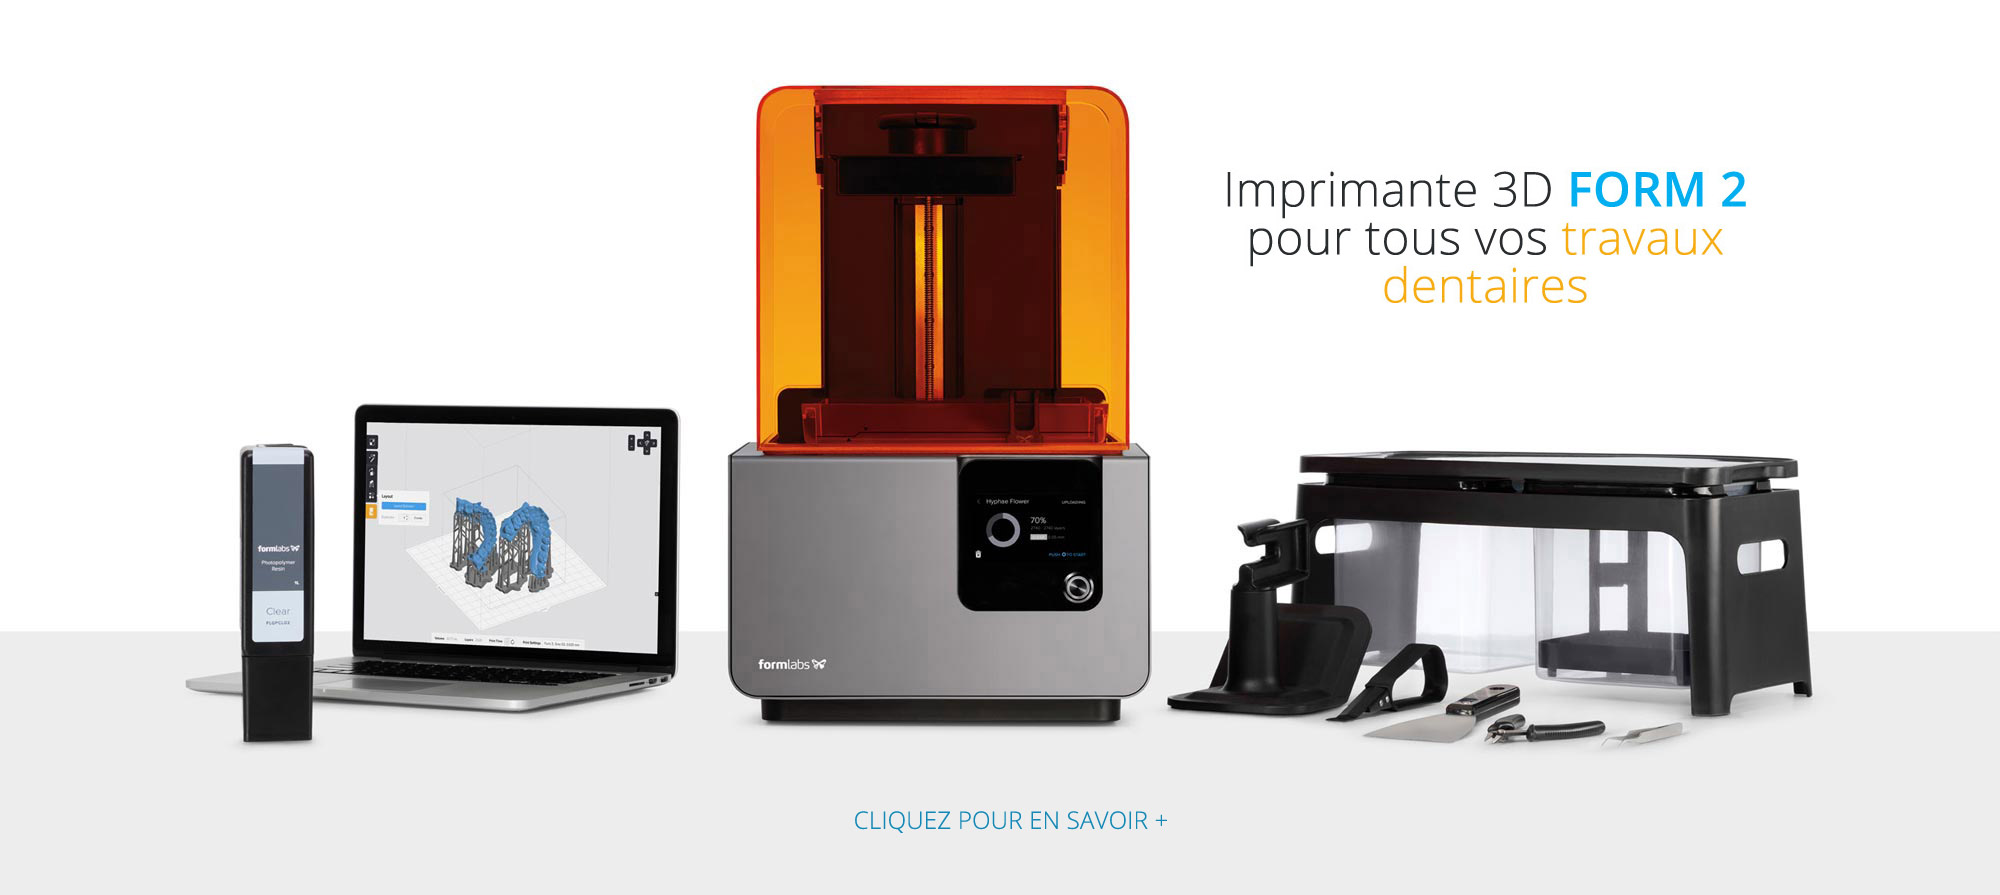 imprimante-3d-form2-dentisterie-numerique